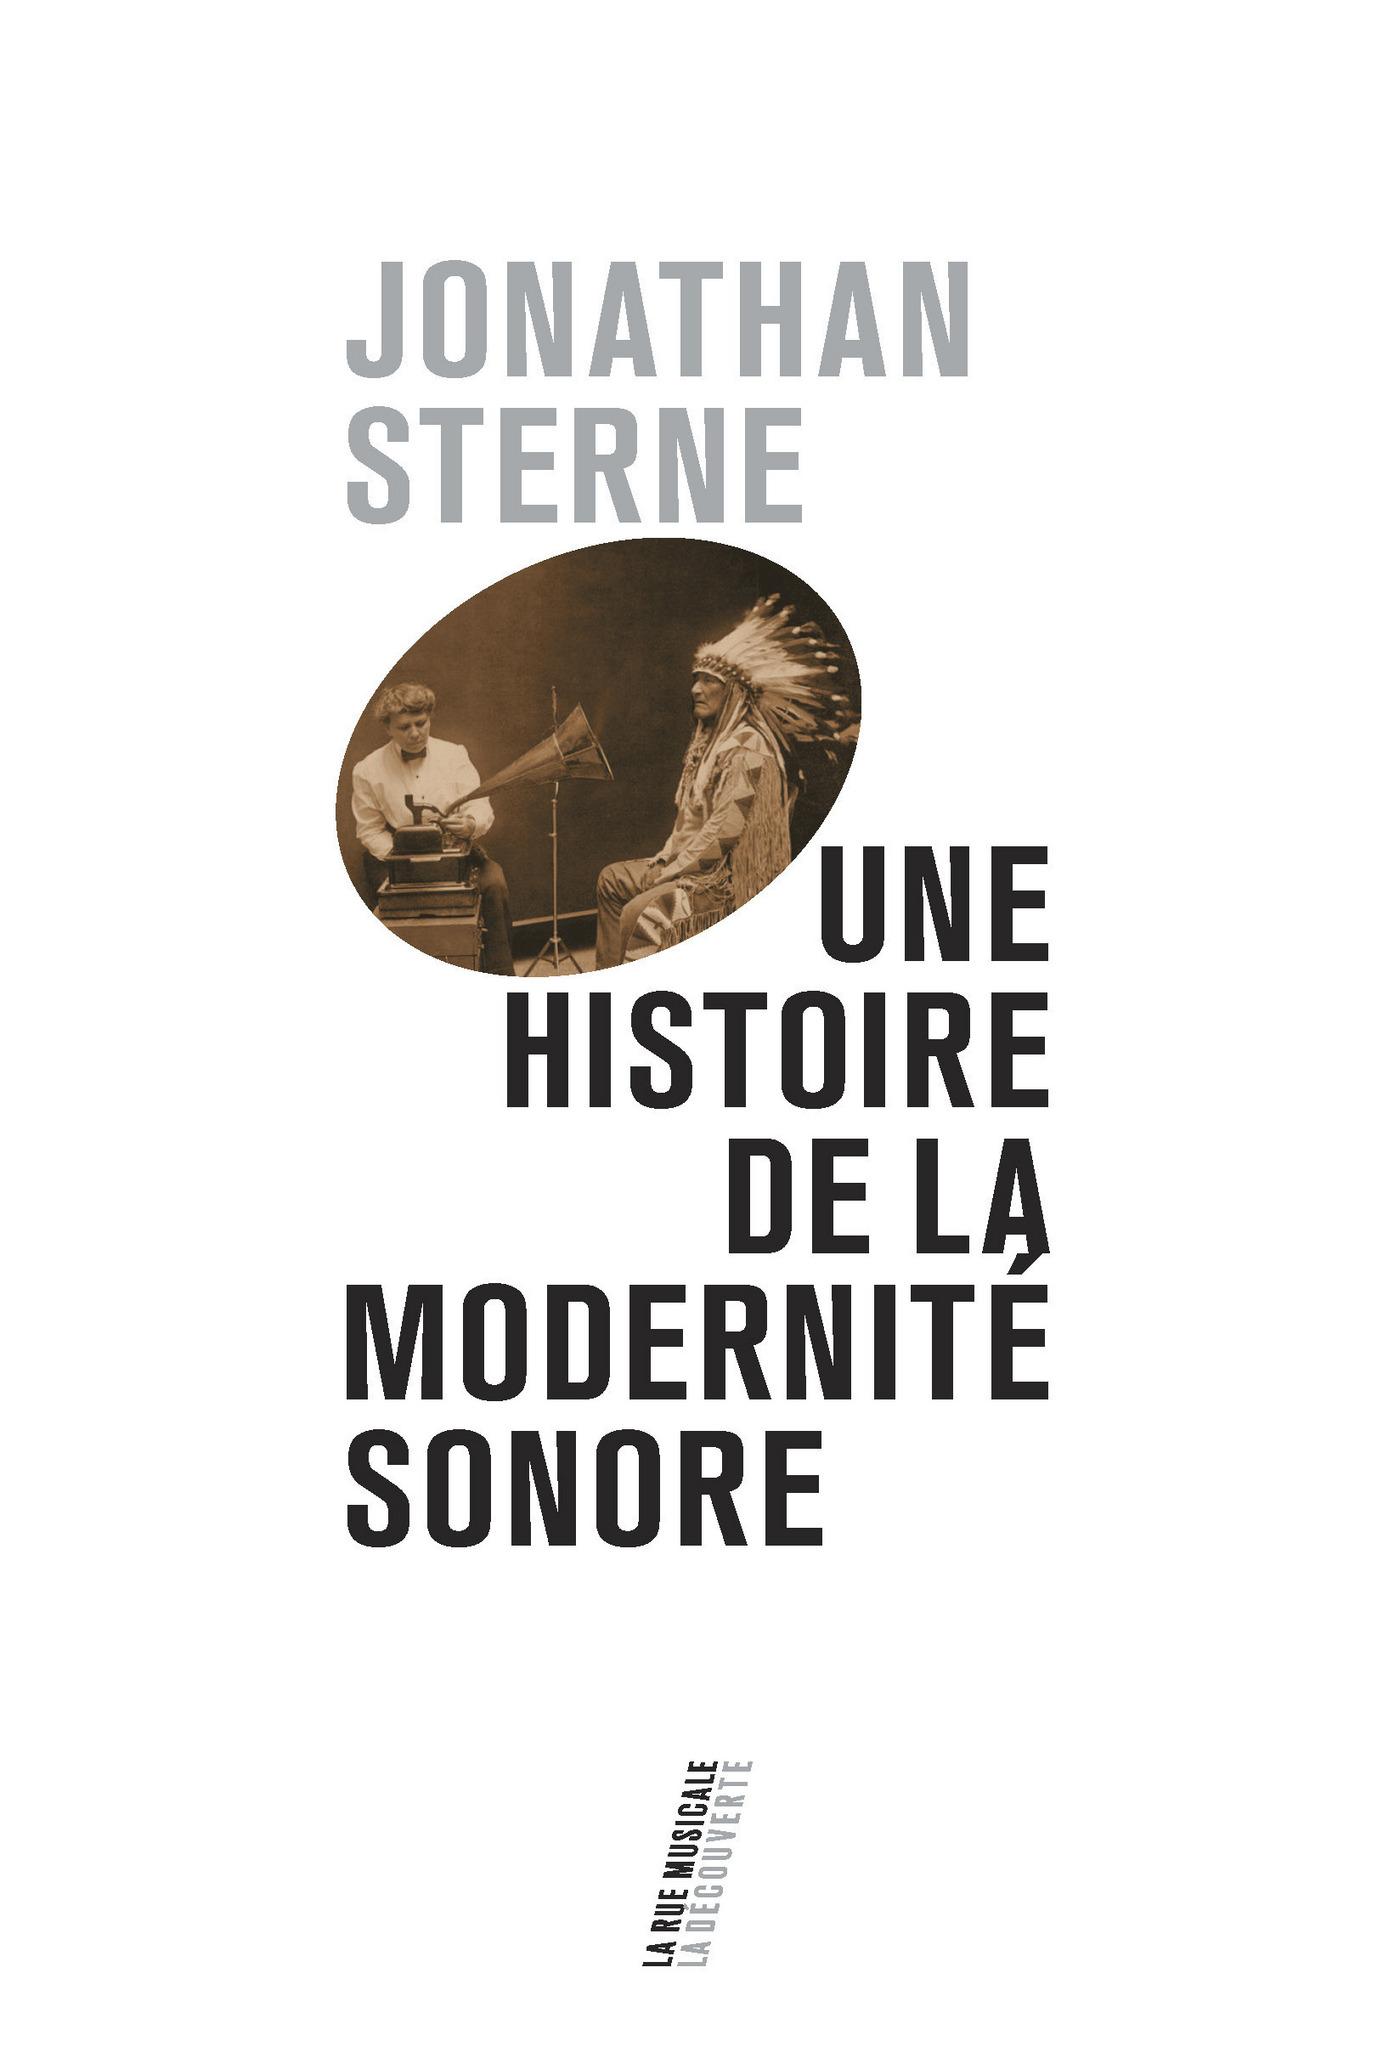 Une histoire de la modernité sonore | STERNE, Jonathan